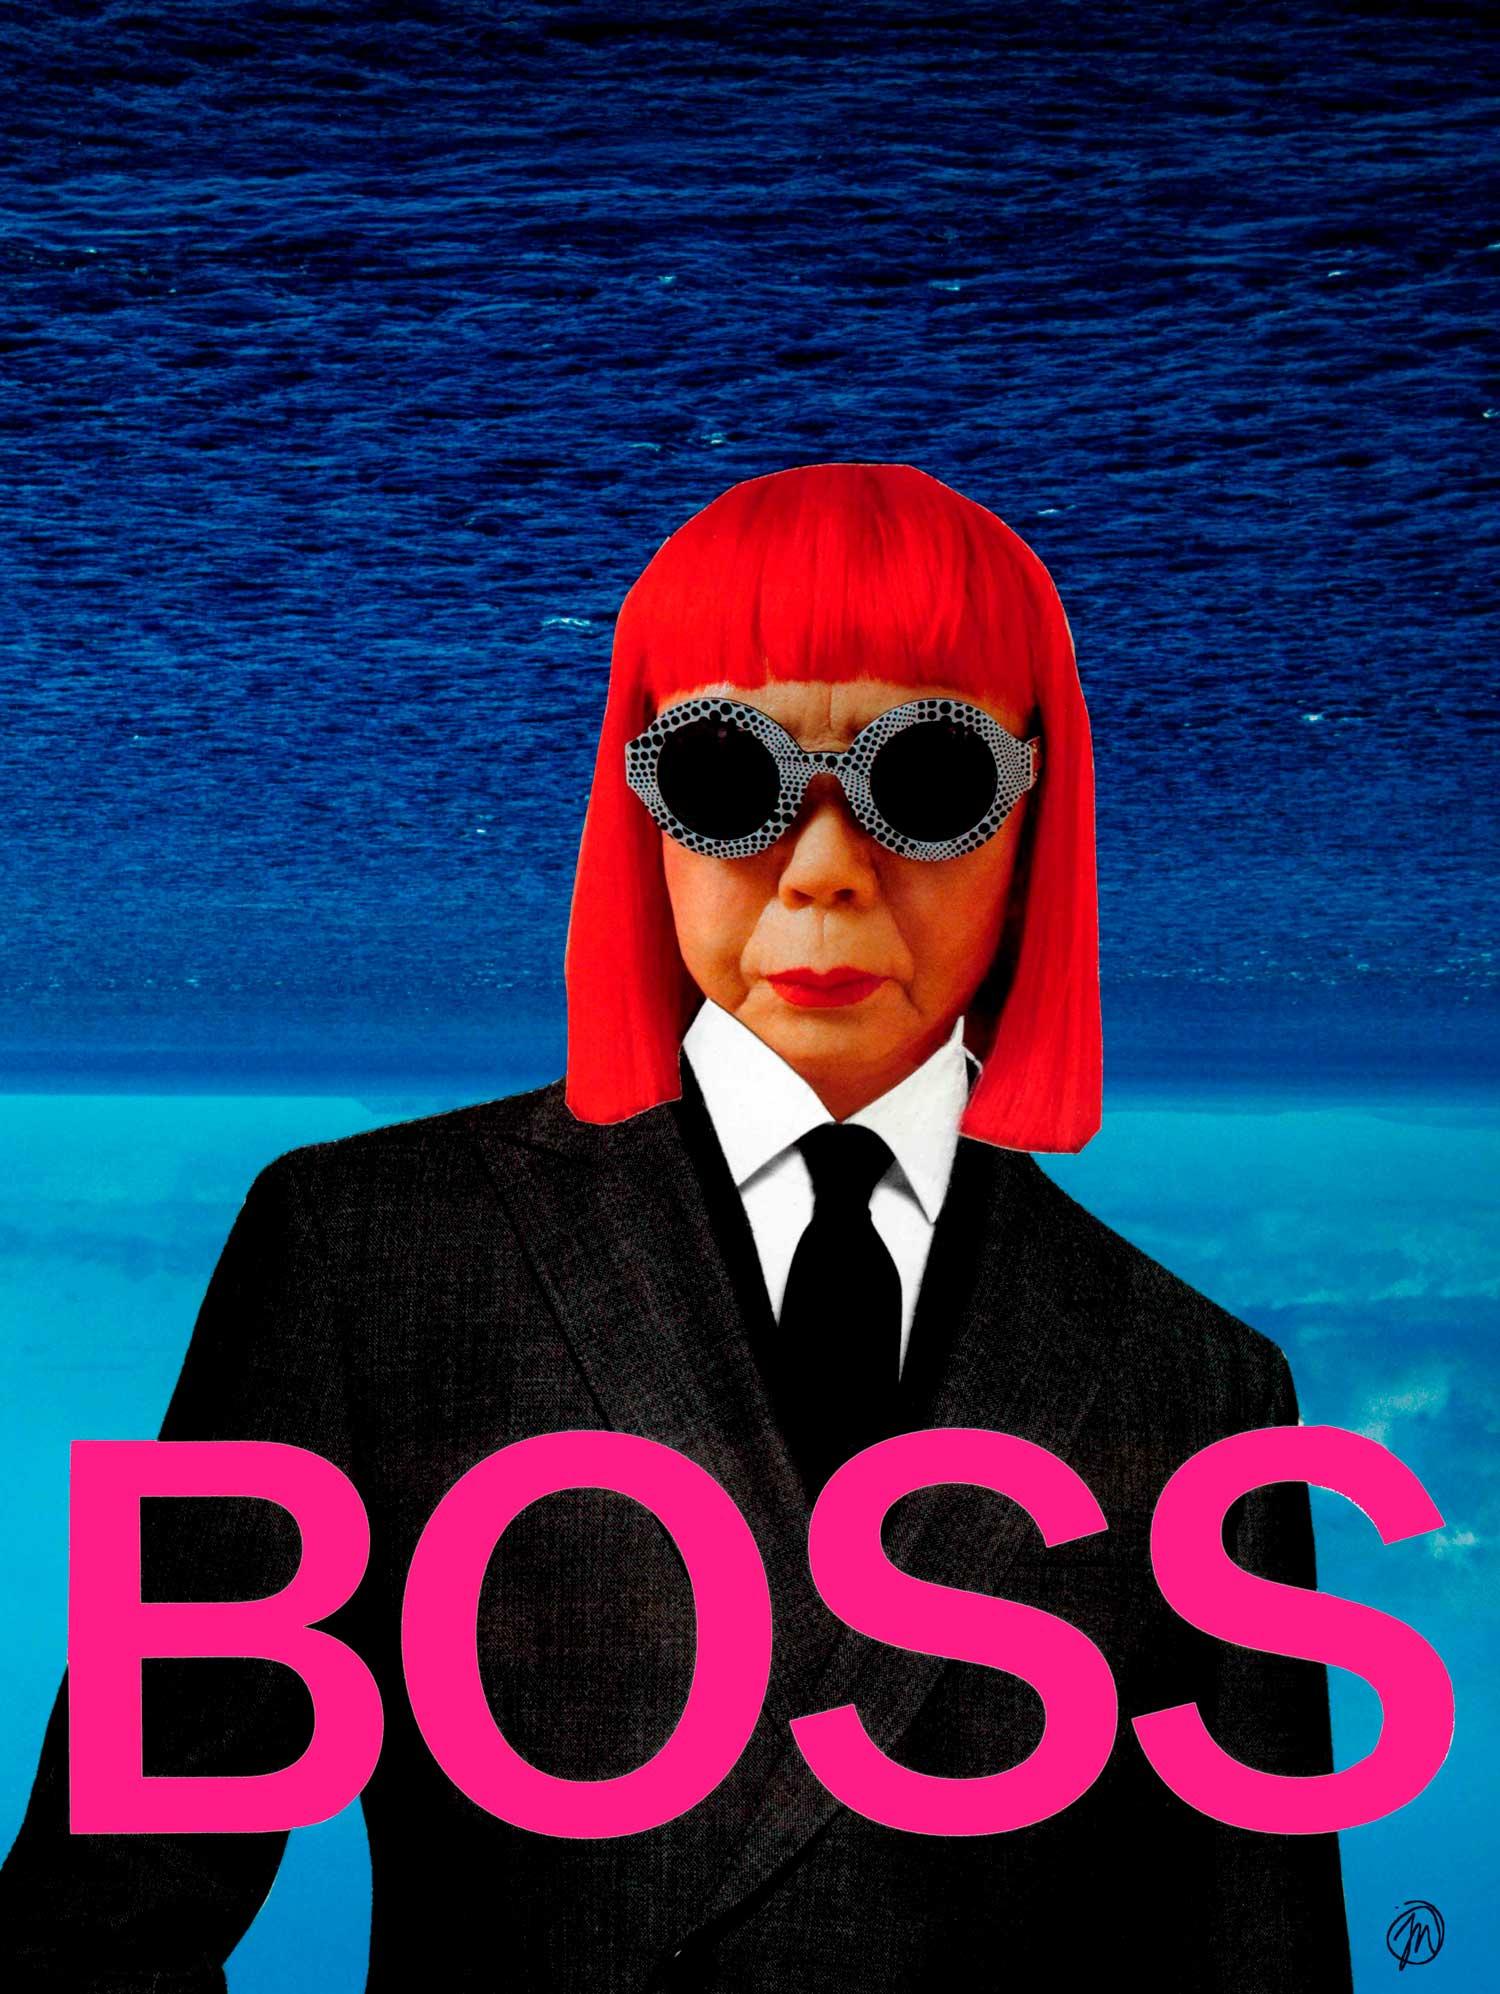 Boss - © Jeanette Weston